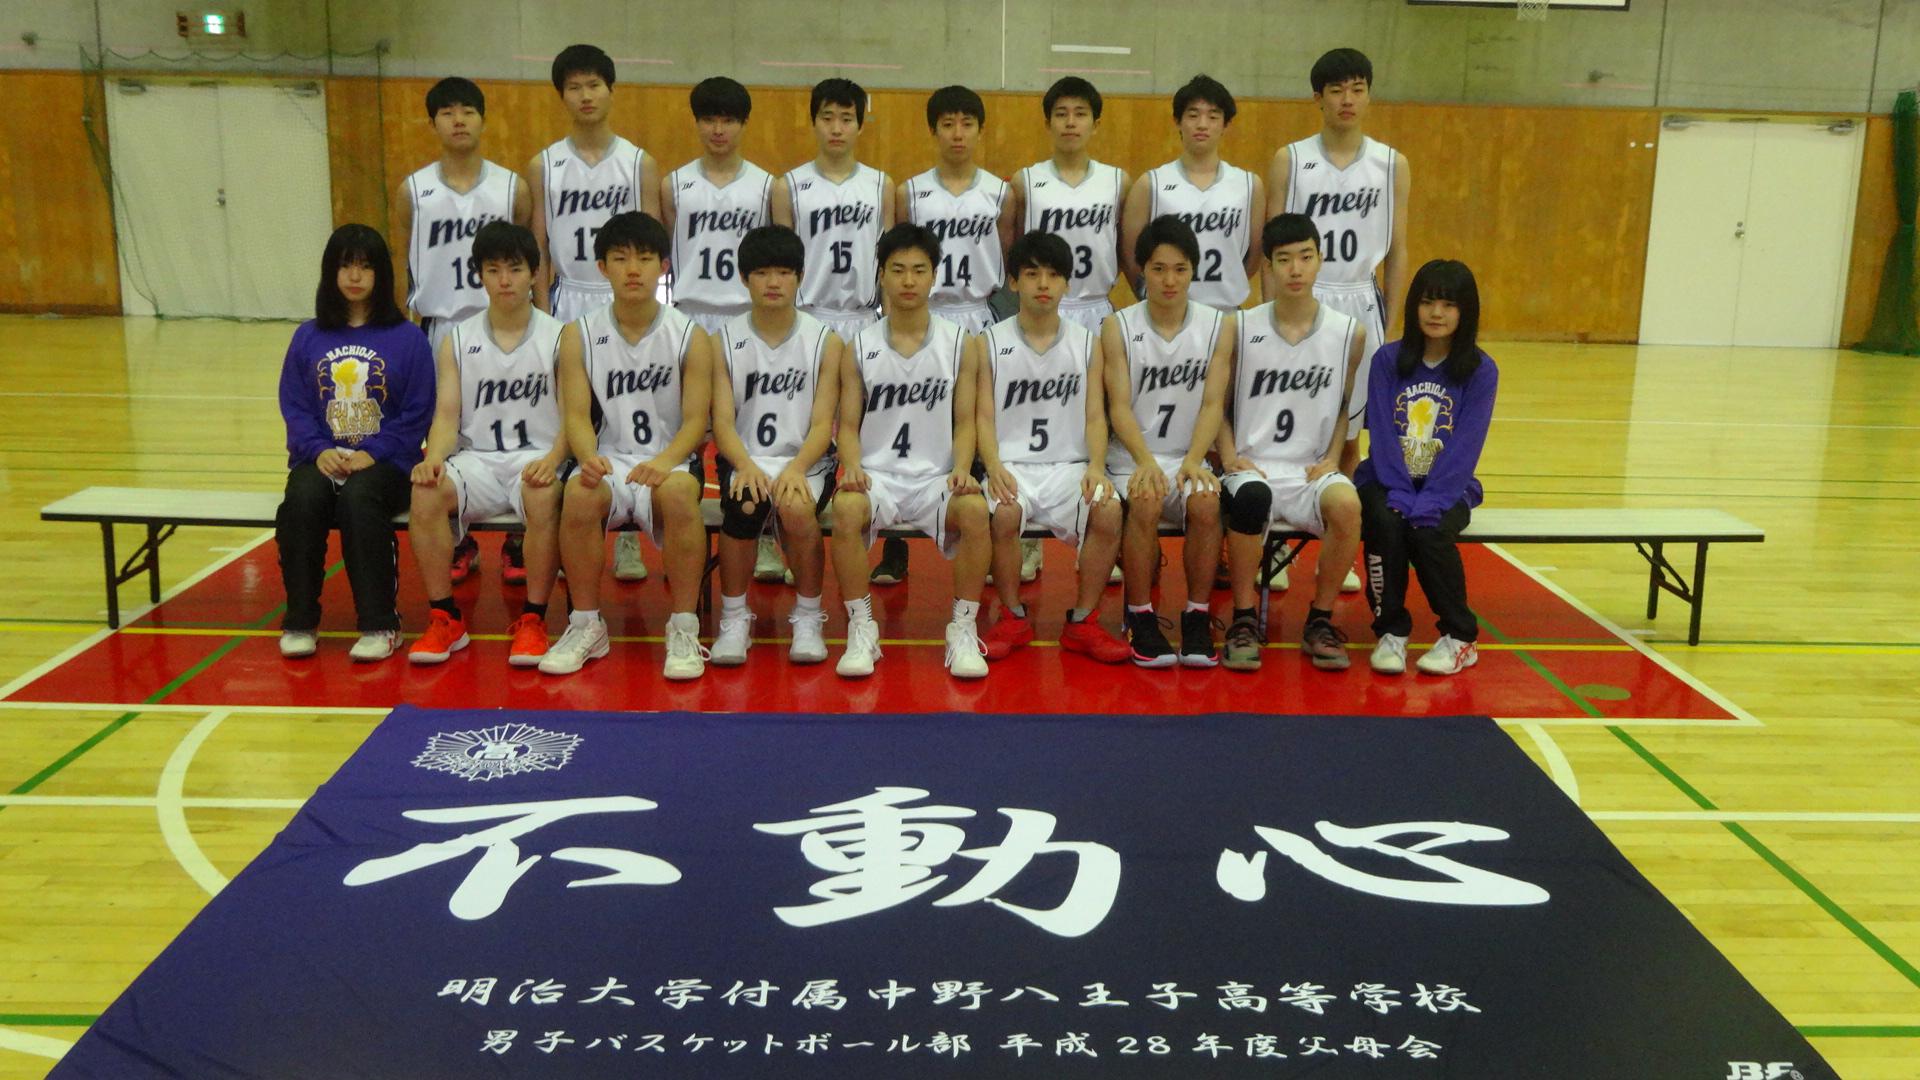 [高校]男子バスケットボール部